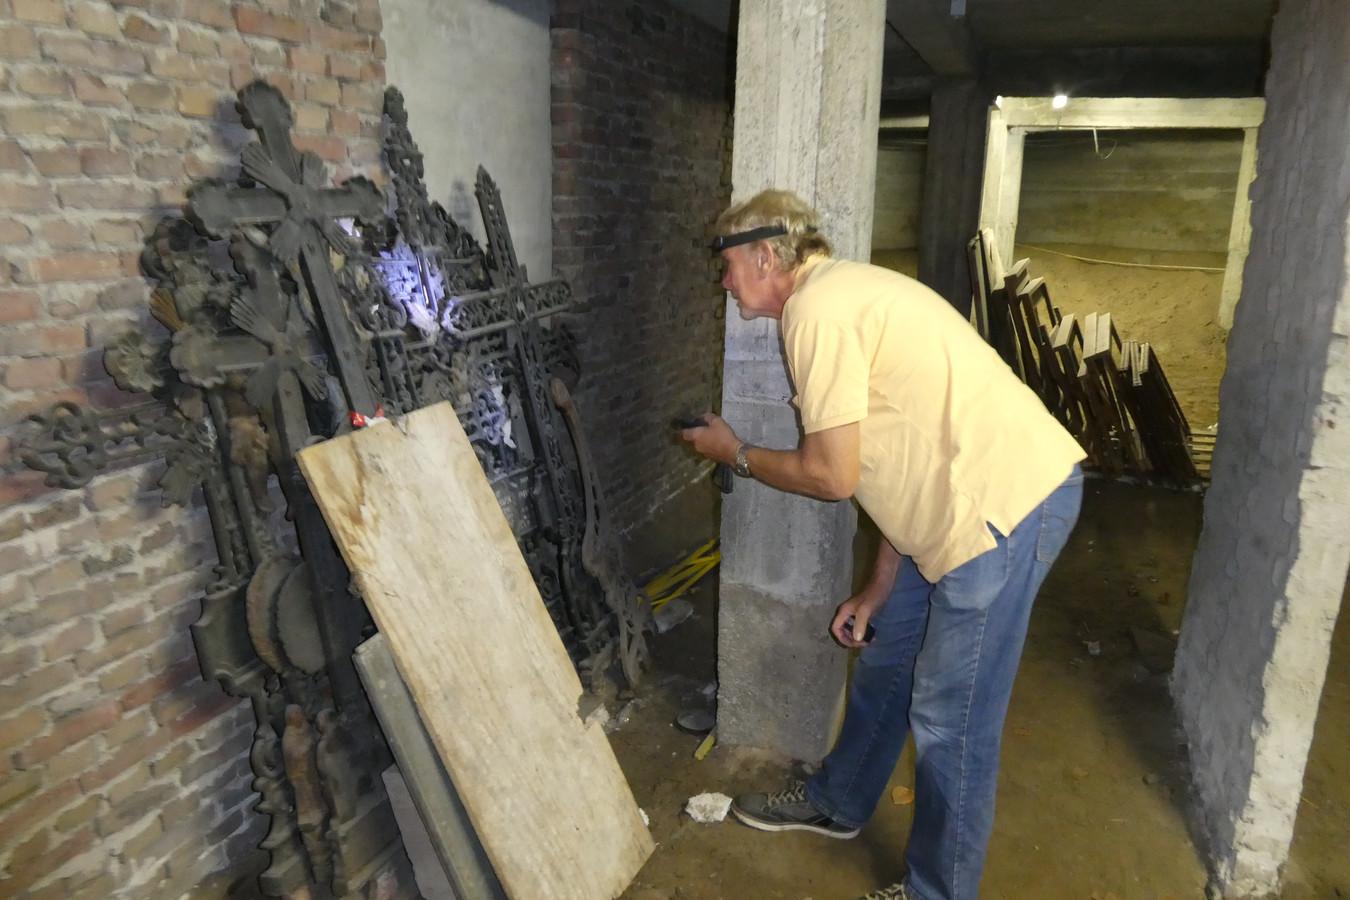 Jan Spit bekijkt de oude gietijzeren kruizen uit de negentiende eeuw in de kelder van de Michaëlkerk in Gestel.